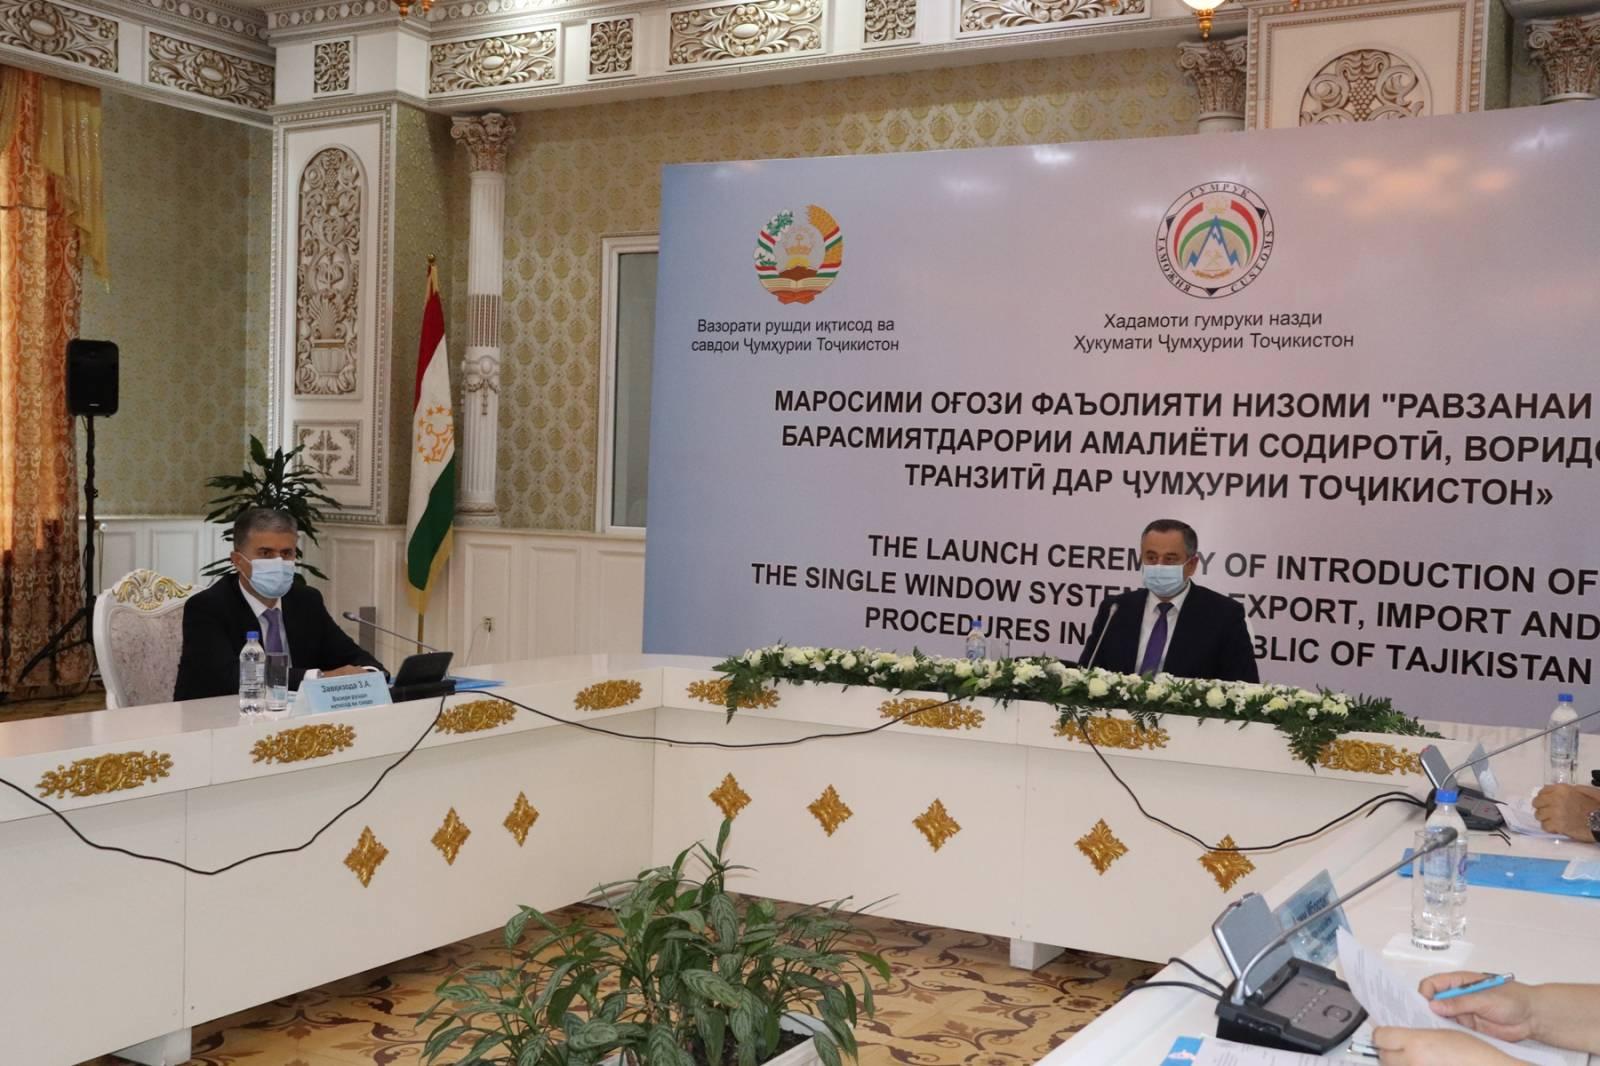 В Таджикистане заработала система Единого окна по оформлению внешнеторговых процедур